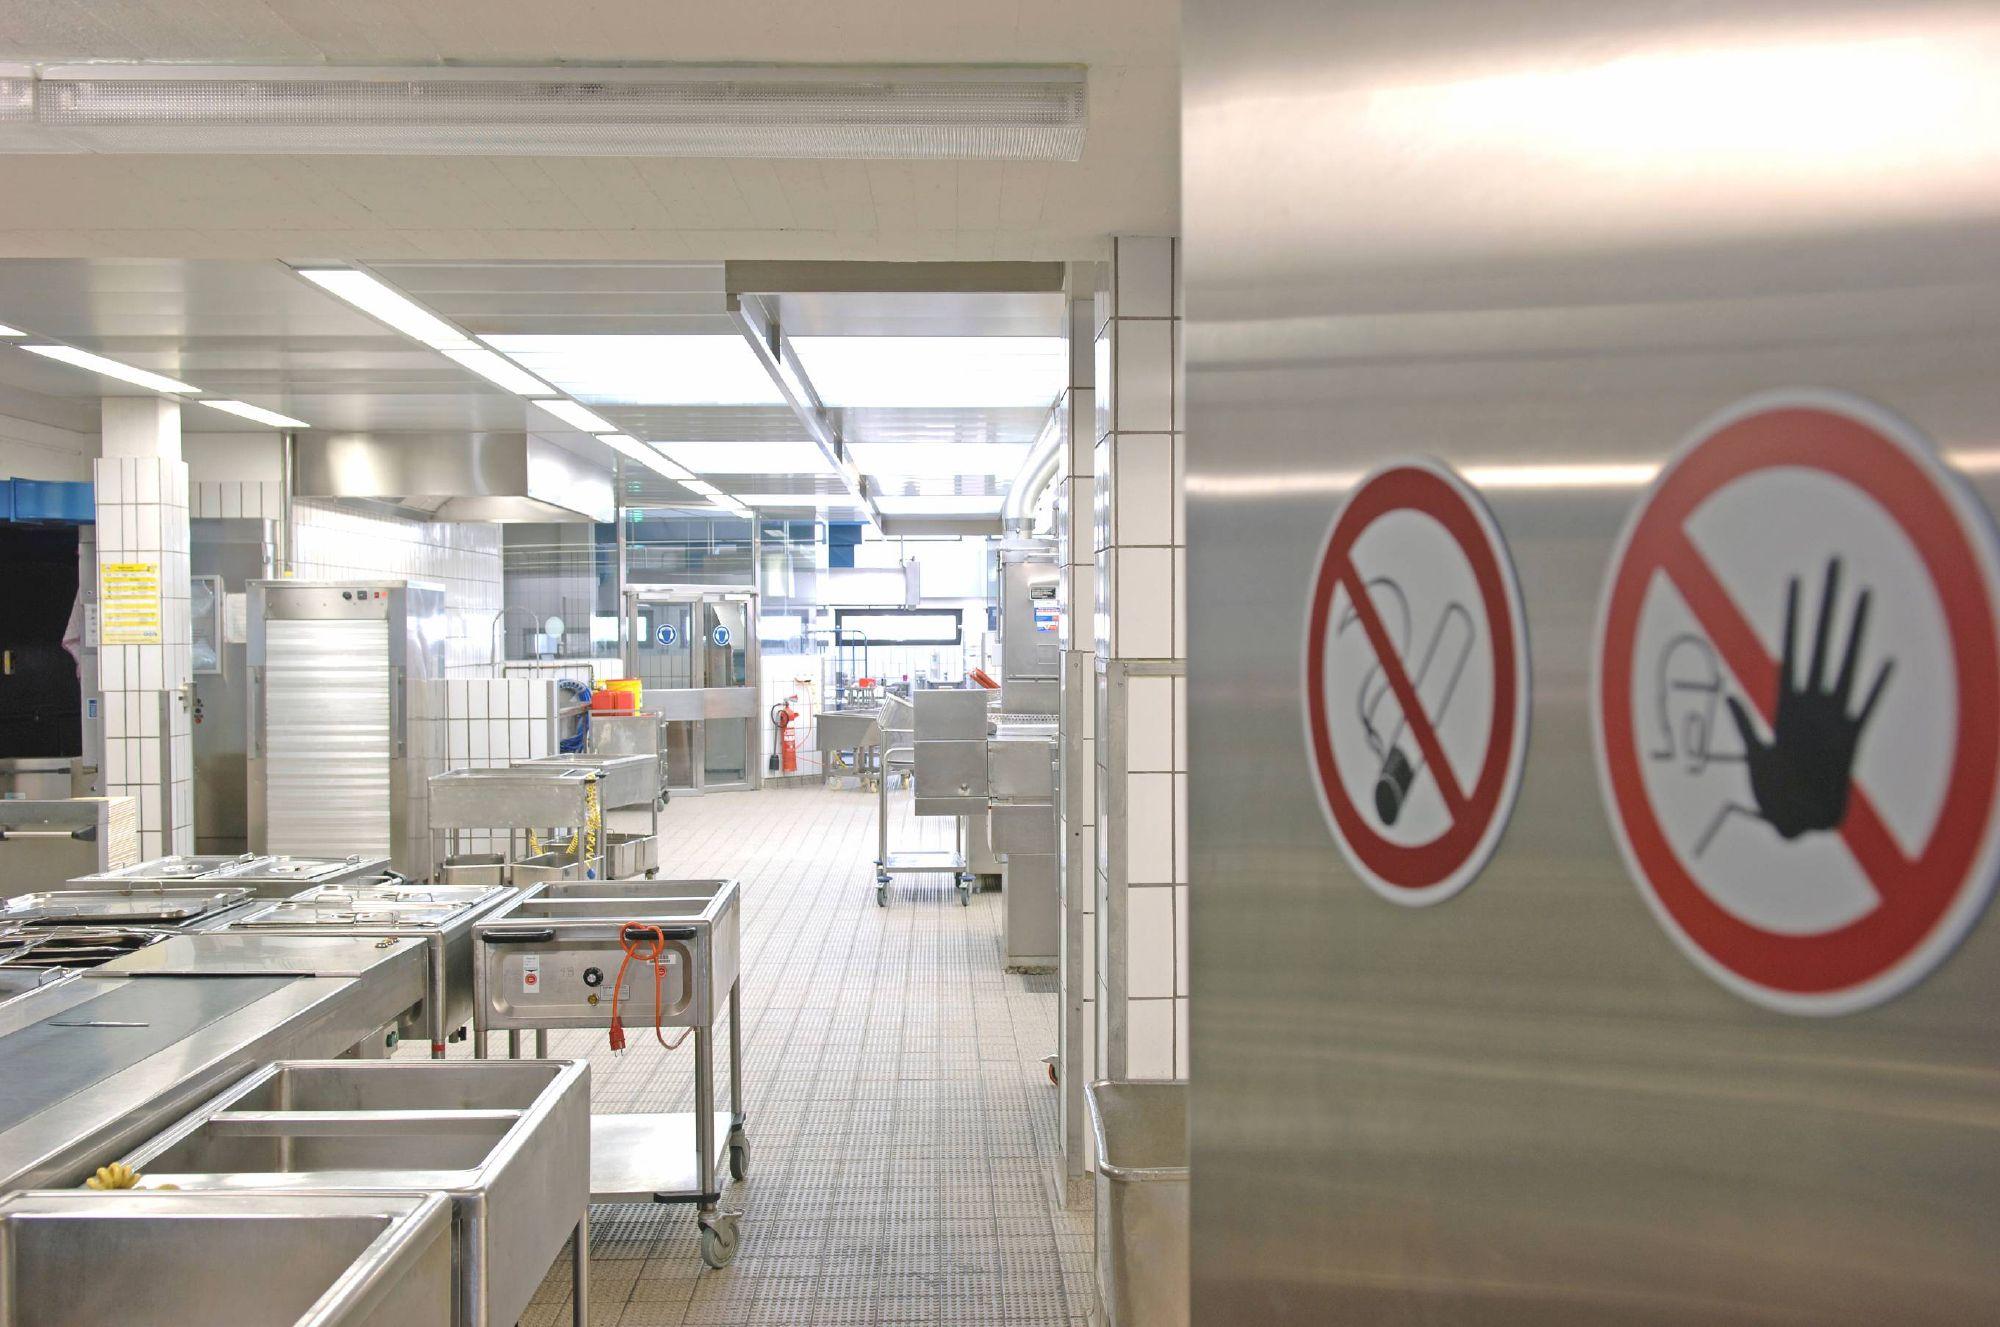 布局数字化食品安全方案——温度监控系统,实现实时监控冷冻、冷藏食品的温度,大大提升工作效率,节约成本,优化流程,快速应对疫情期间多变的检查要求。